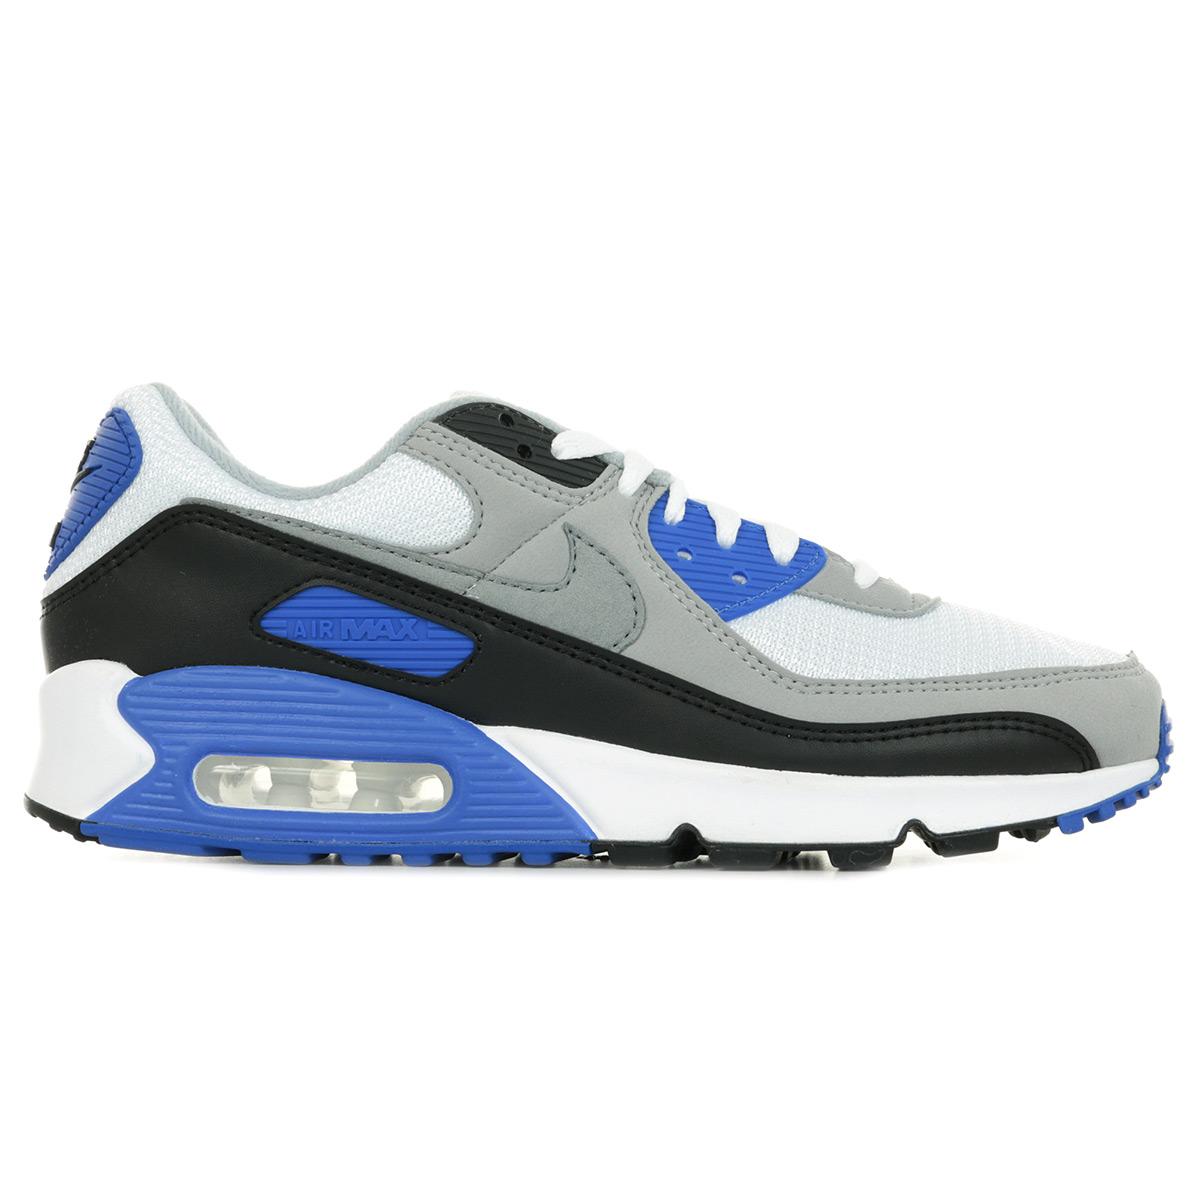 Détails sur Chaussures Baskets Nike homme Air Max 90 taille Blanc Blanche Textile Lacets